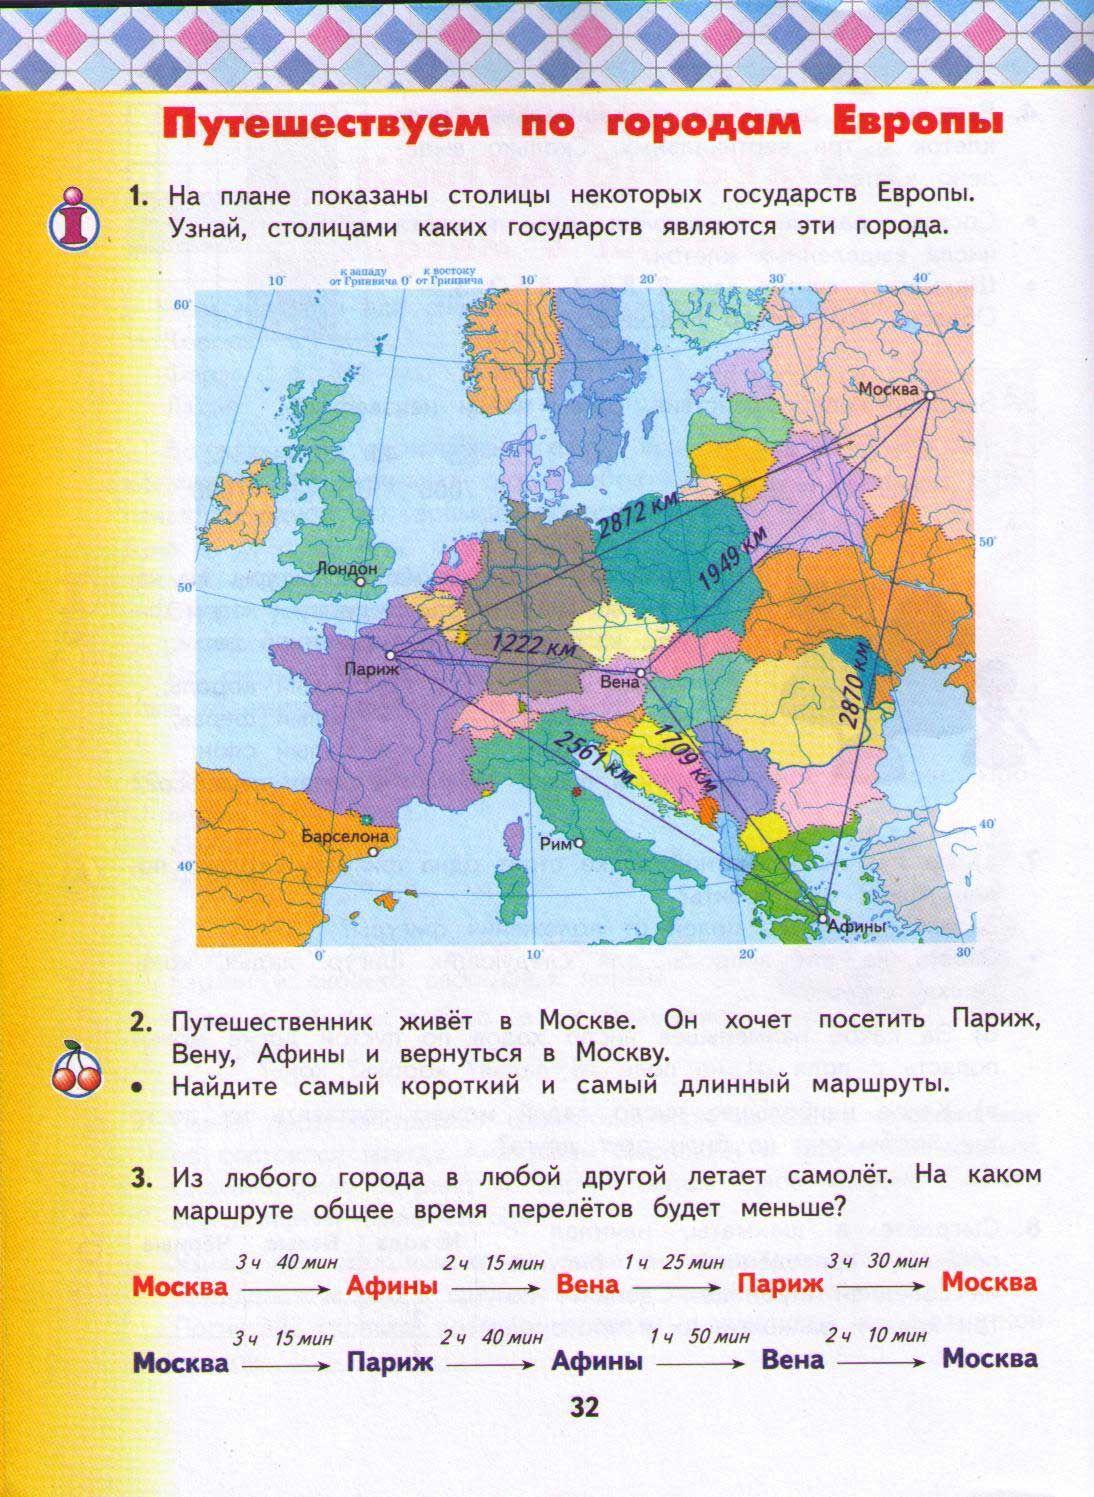 Ответы по русскому языку 5 класс быкова давидюк снитко